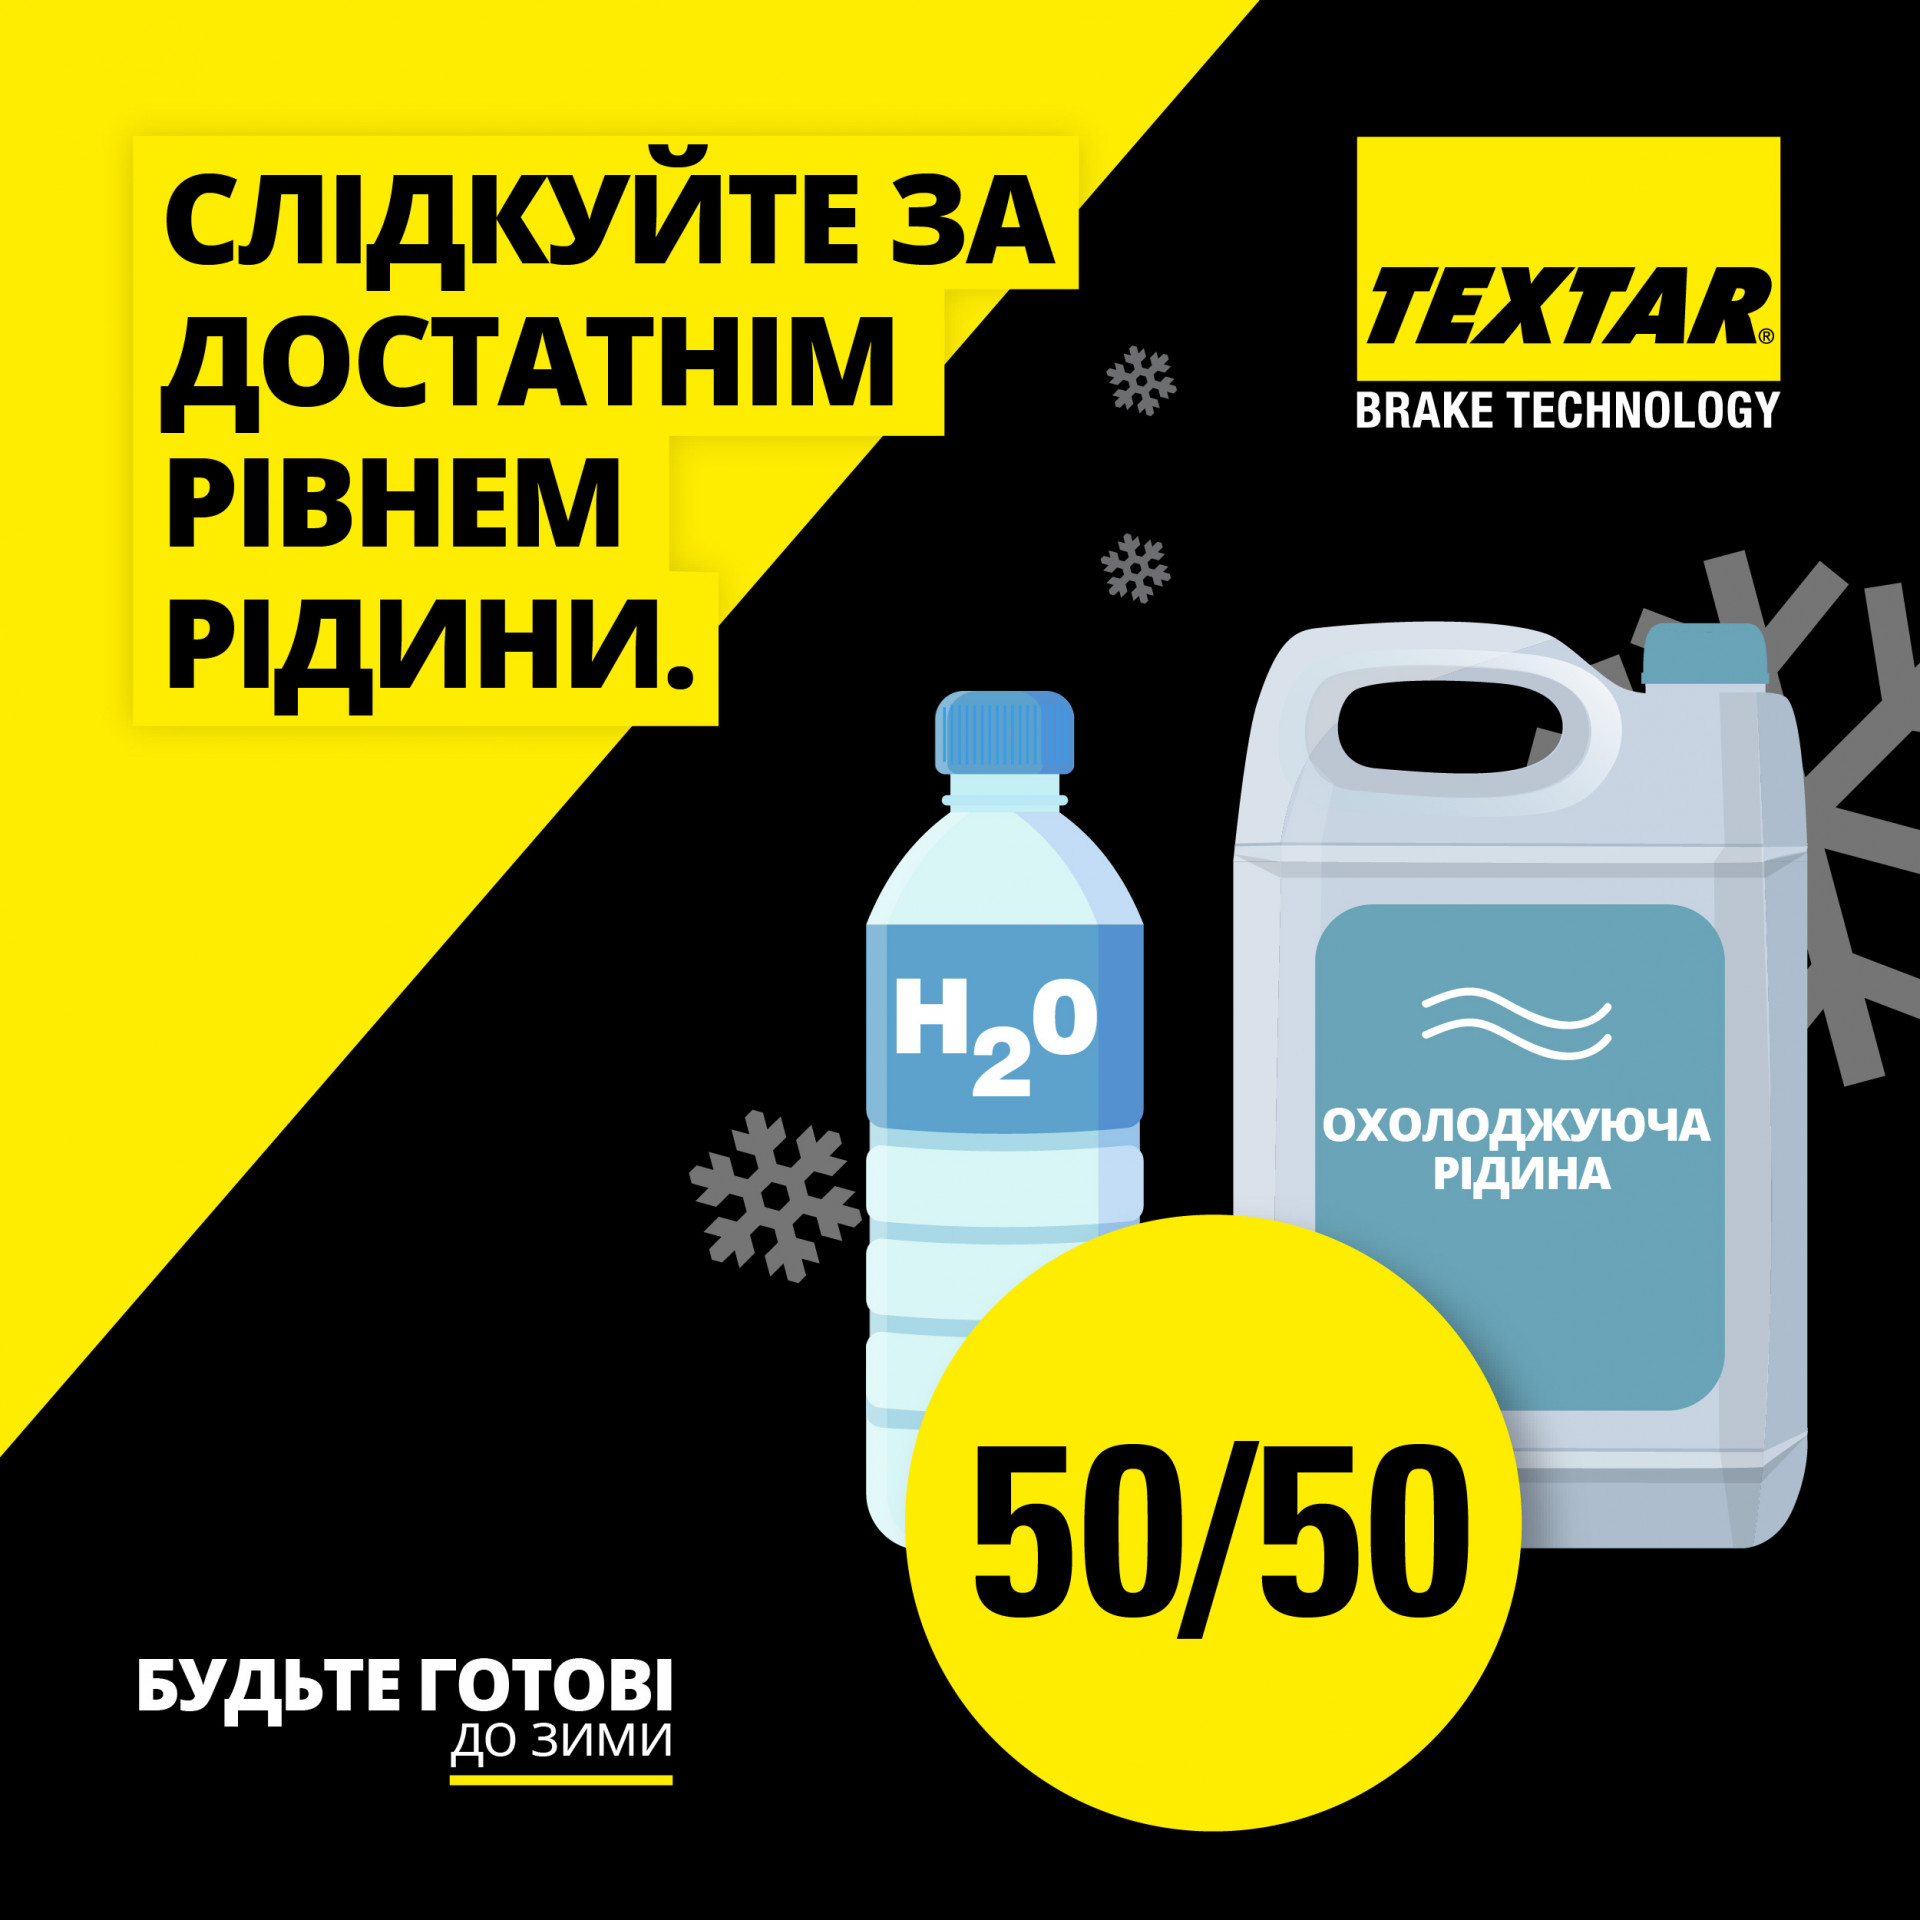 Textar Winter Tips (alt Univers) Ukranian-06.jpg